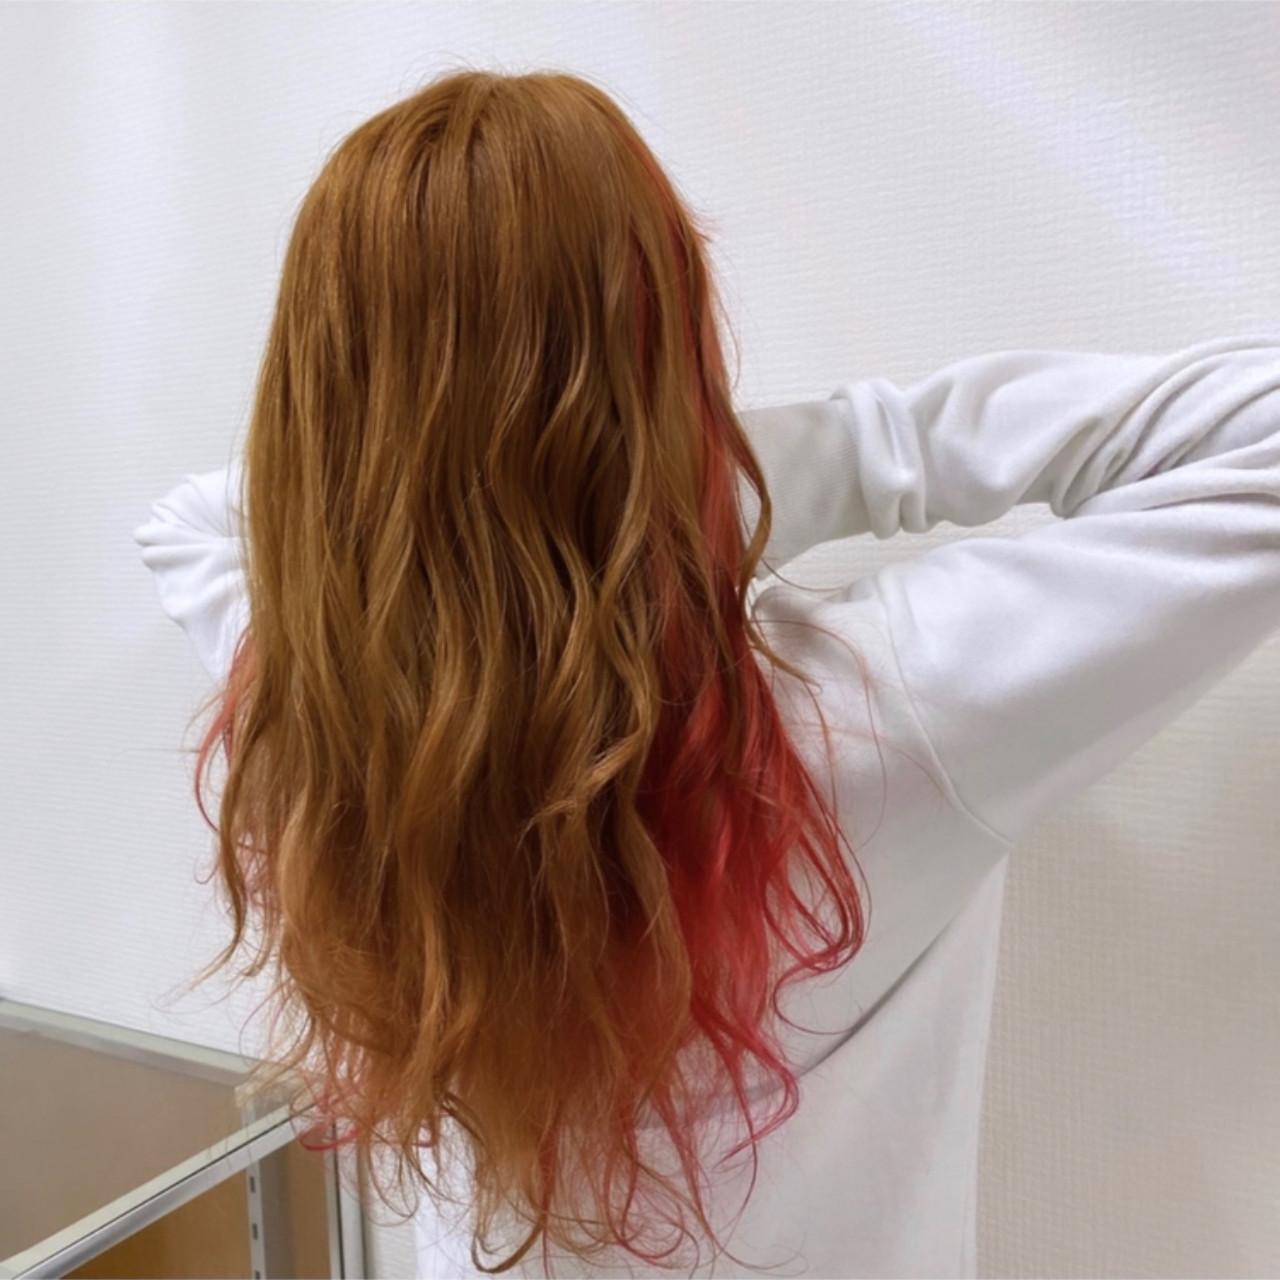 ガーリー ハイトーン 派手髪 オレンジ ヘアスタイルや髪型の写真・画像 | Rinami / ONE+ONE deux